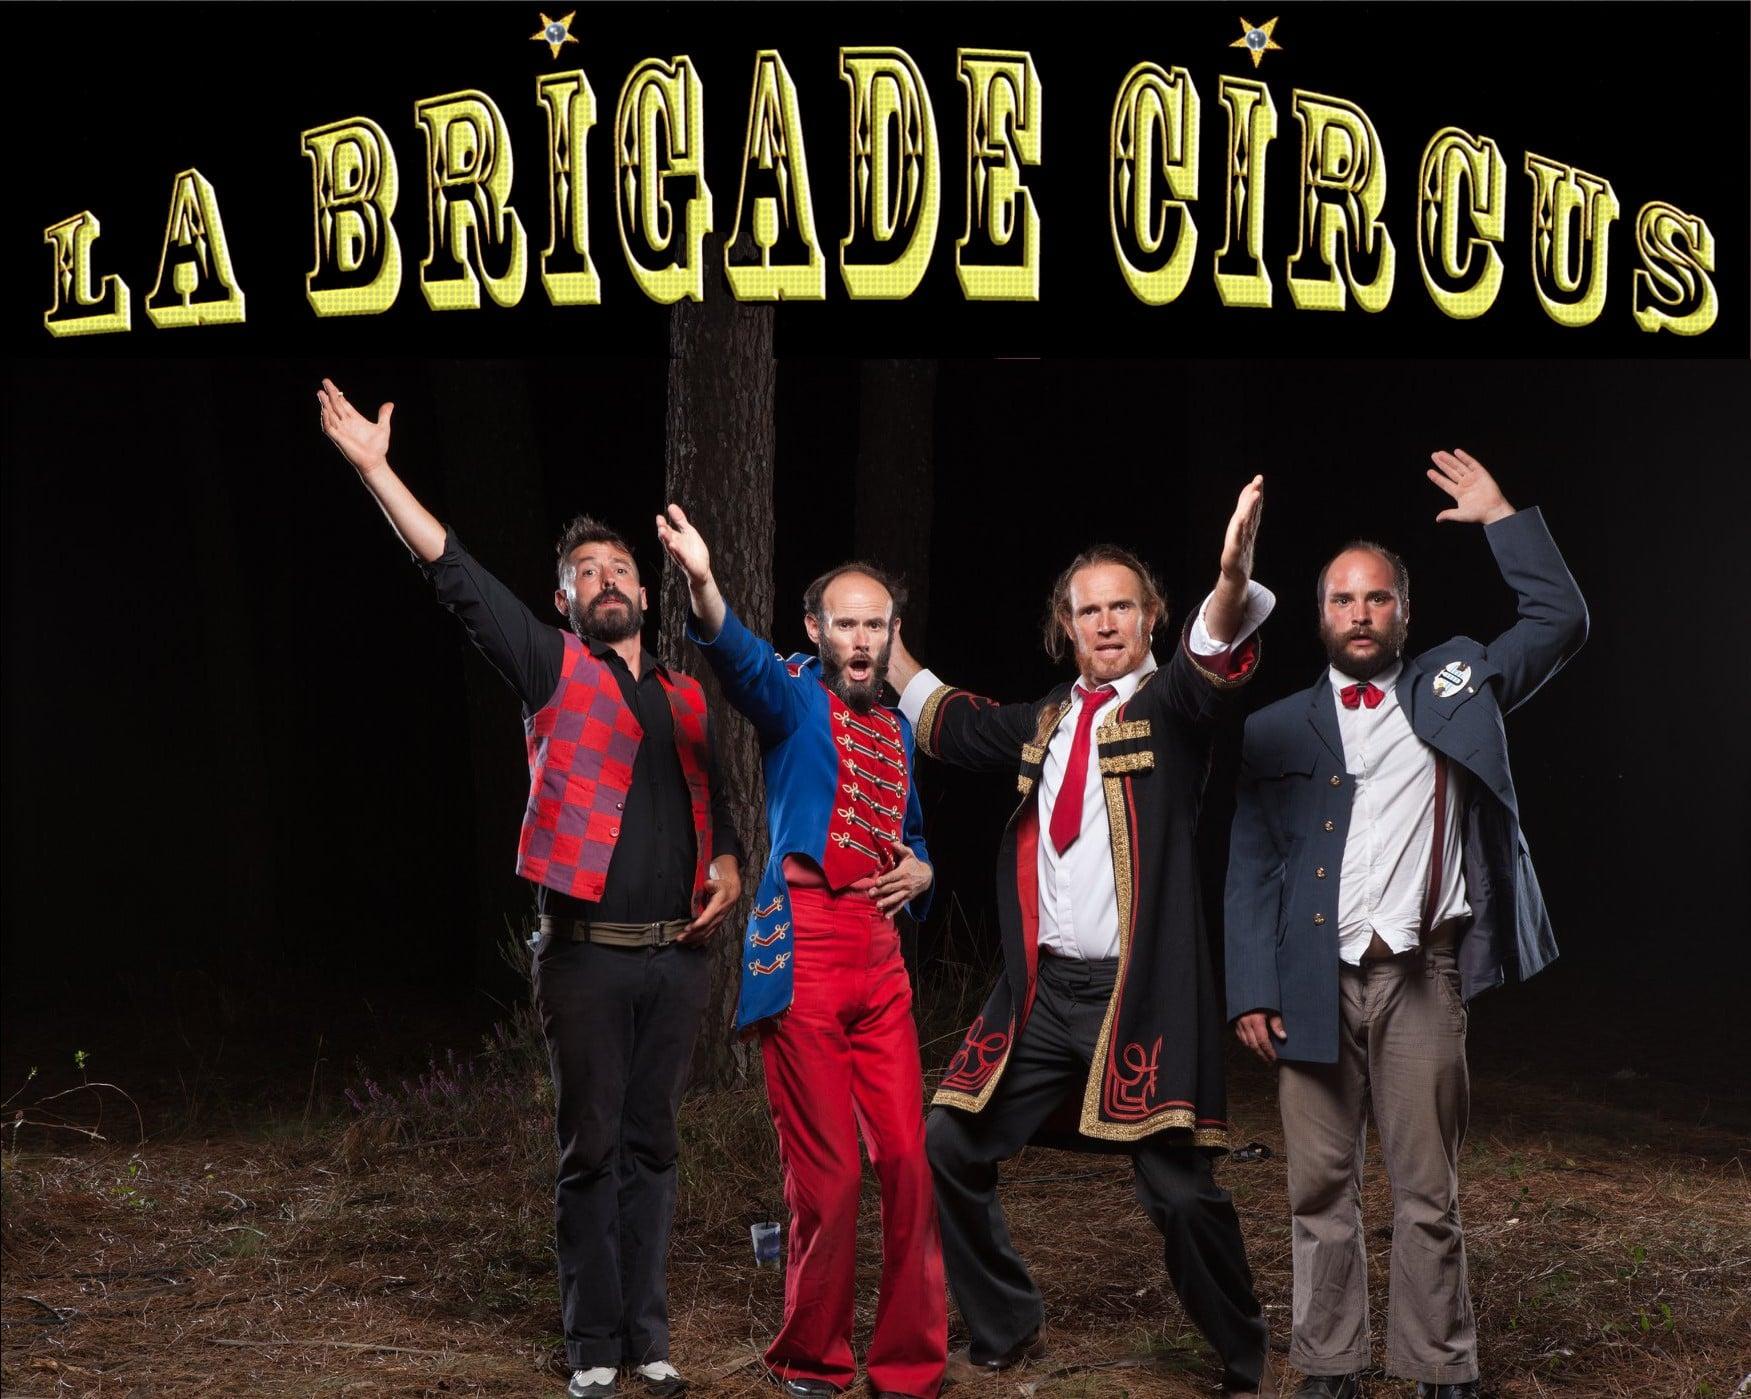 La Brigade Circus